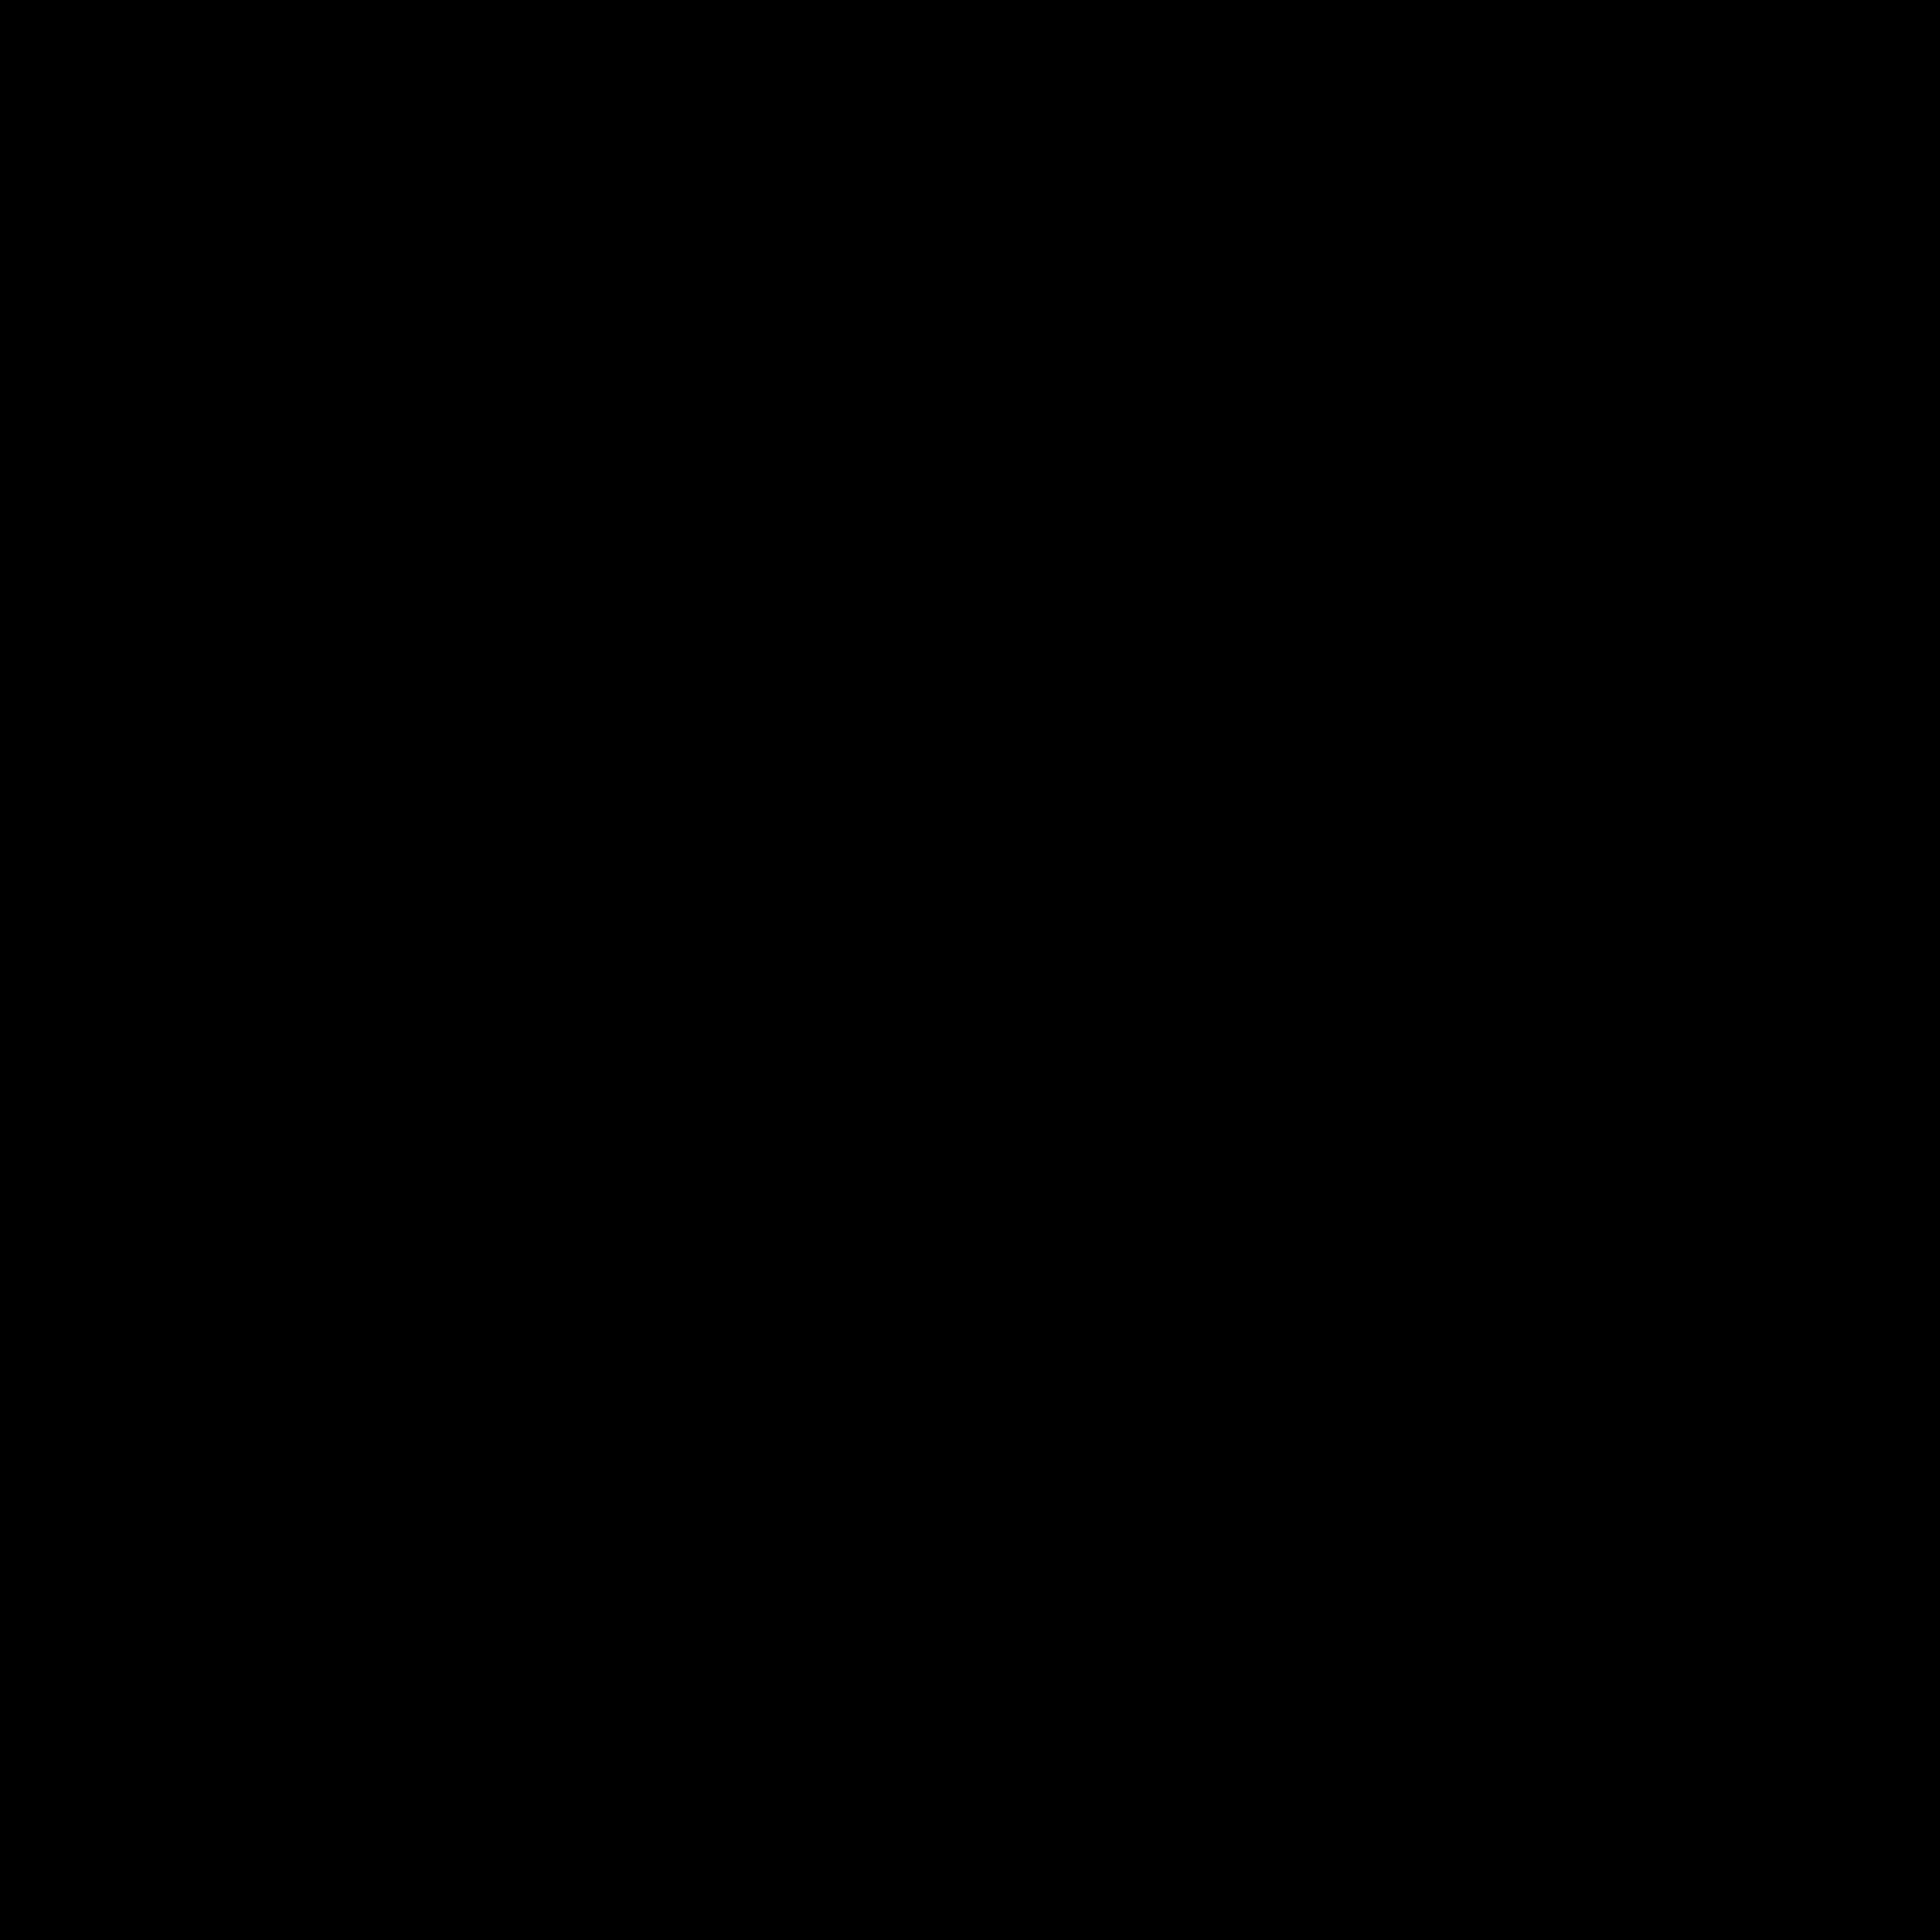 LVM Versicherung Hammel - Versicherungsagentur